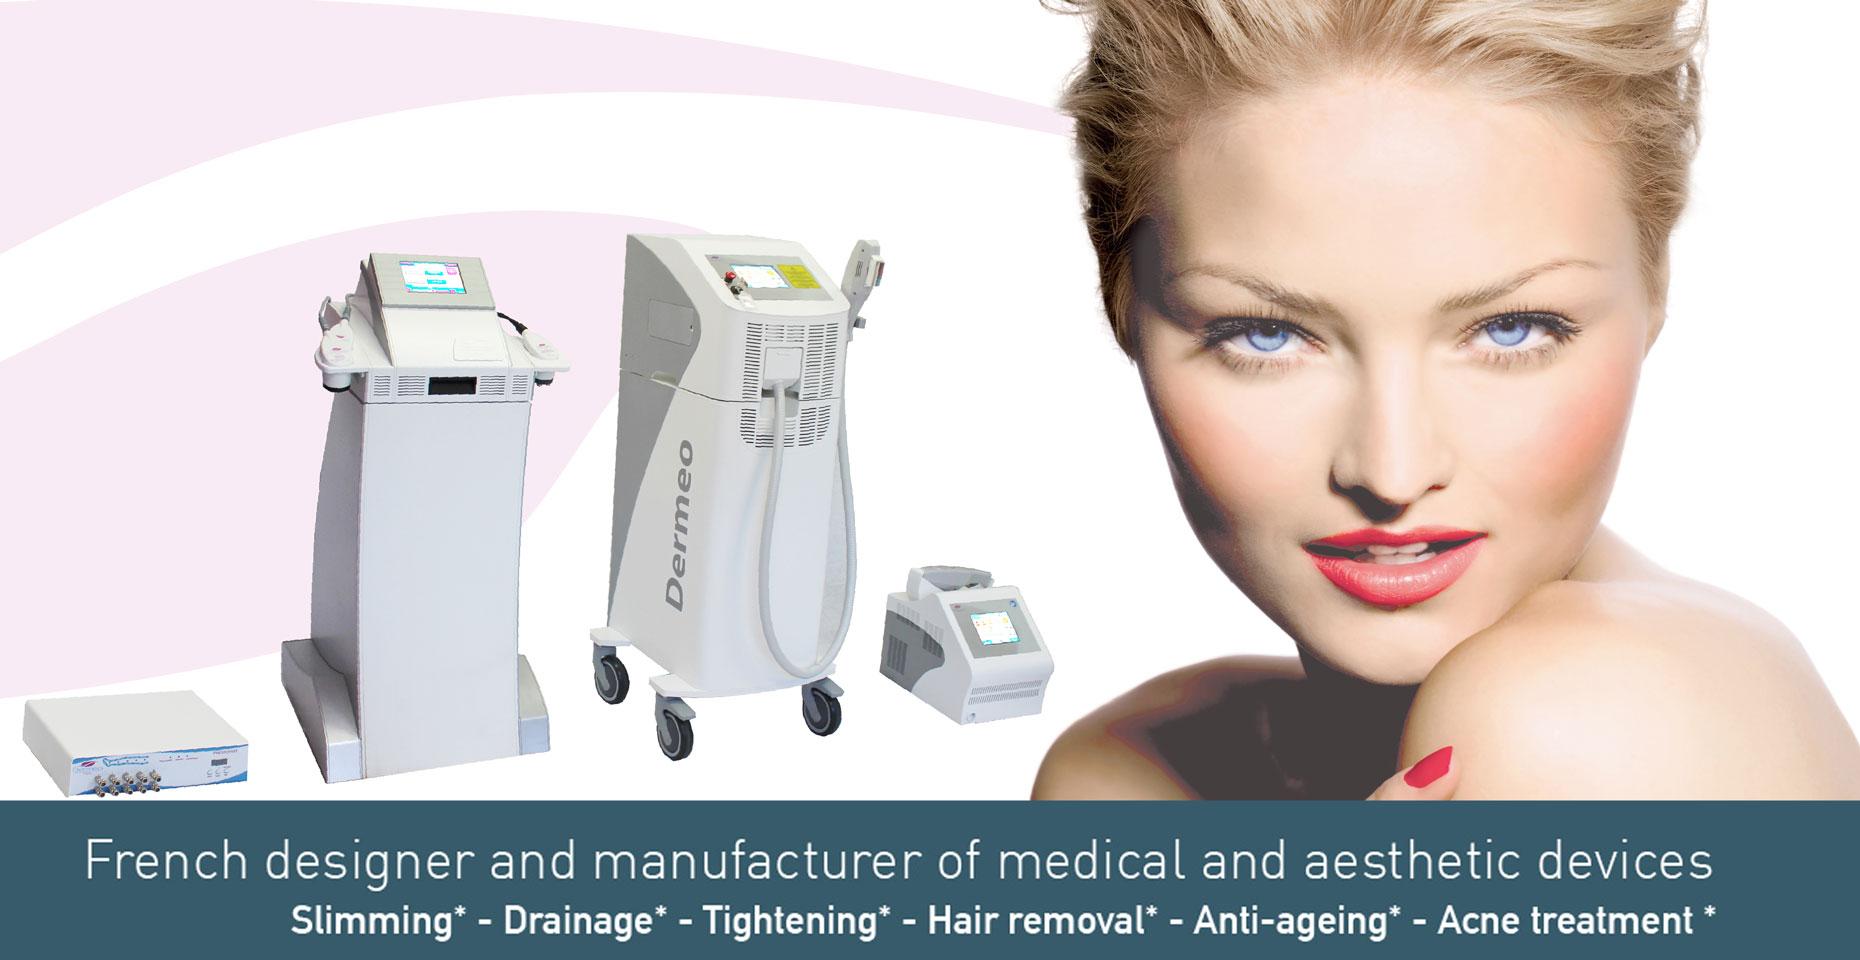 Concepteur et fabricant français de dispositifs médicaux et esthétiques